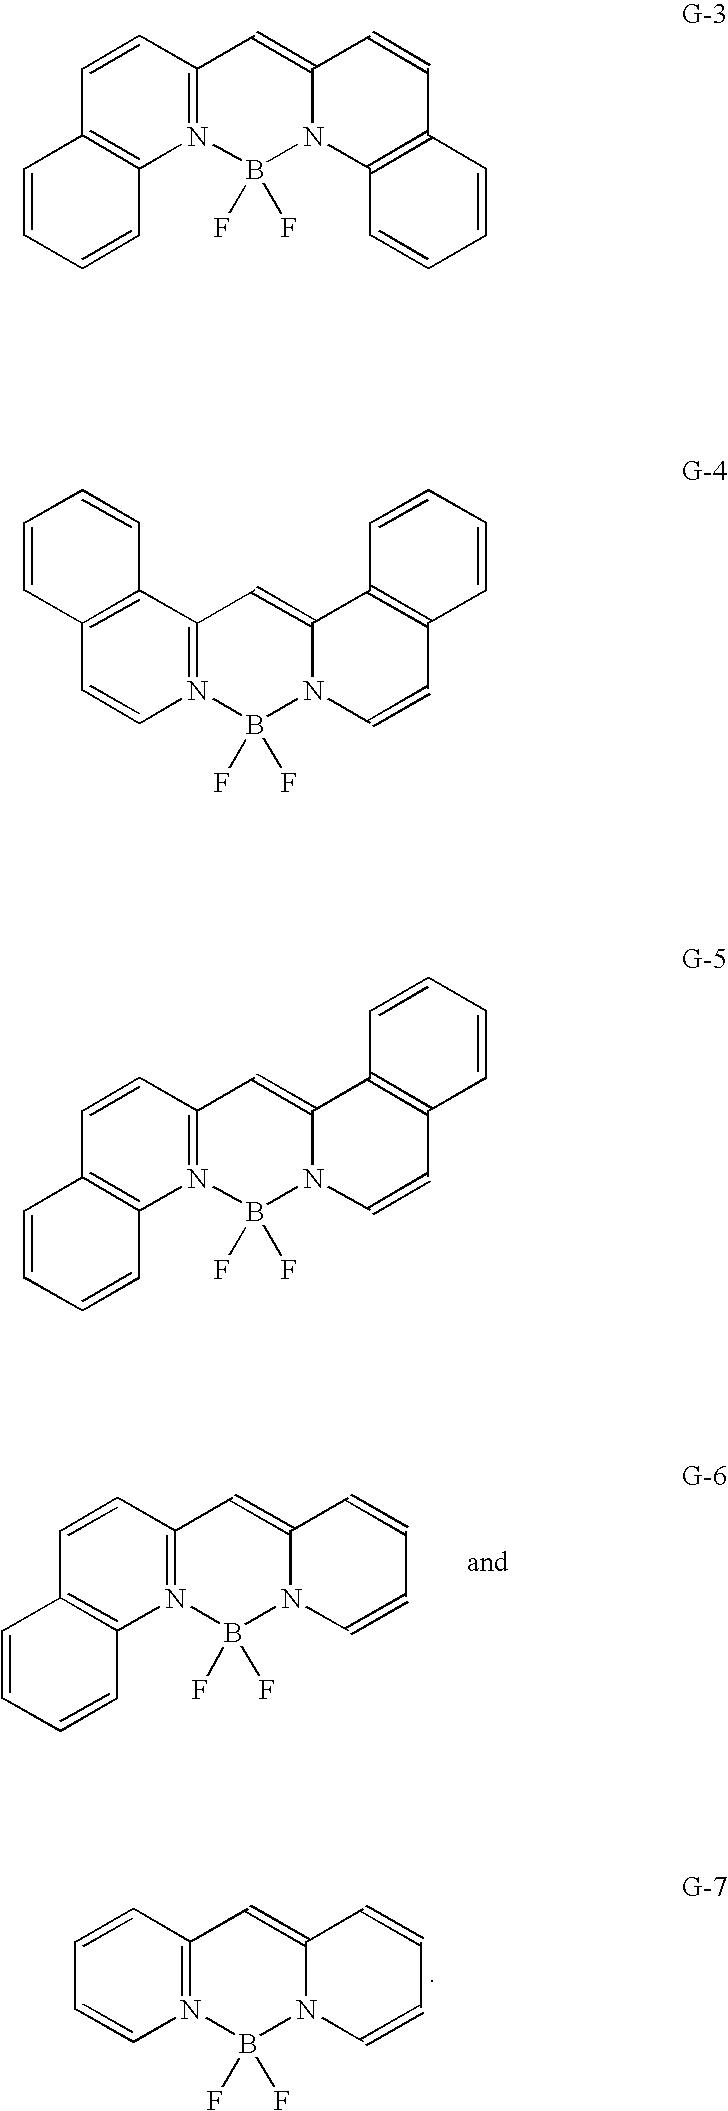 Figure US20040058193A1-20040325-C00019